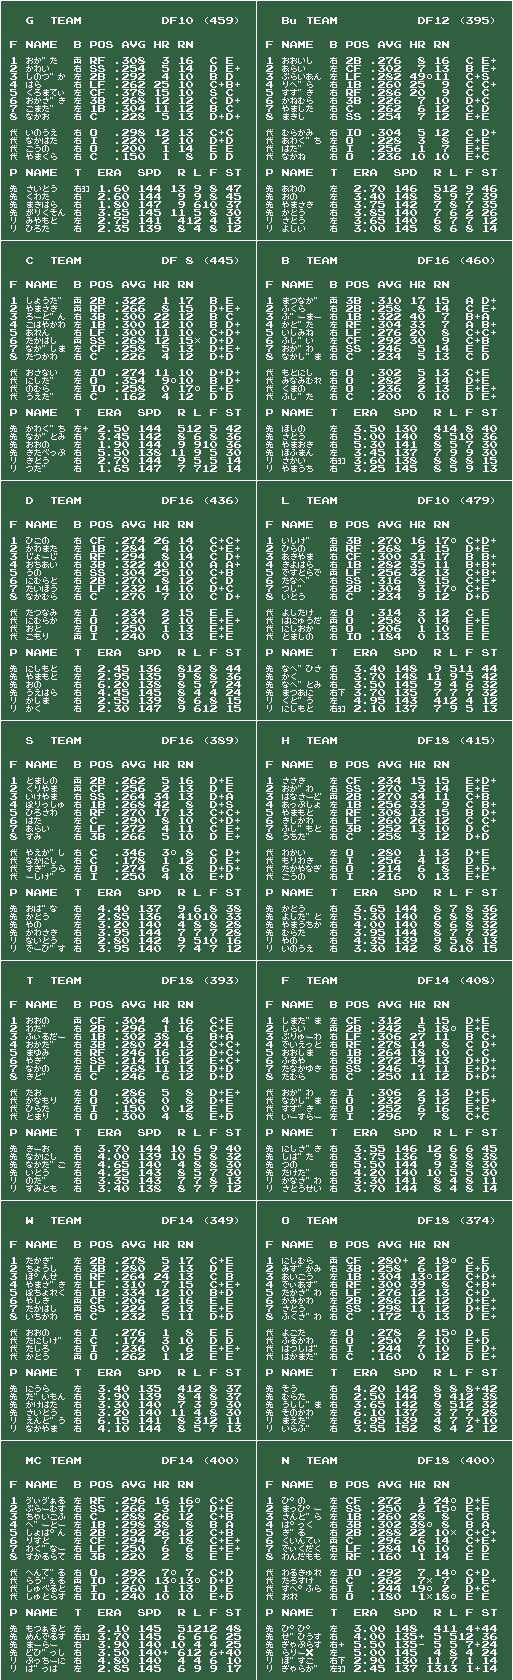 ファミスタ89 沈黙は金 v2009/03/12 チームデータ